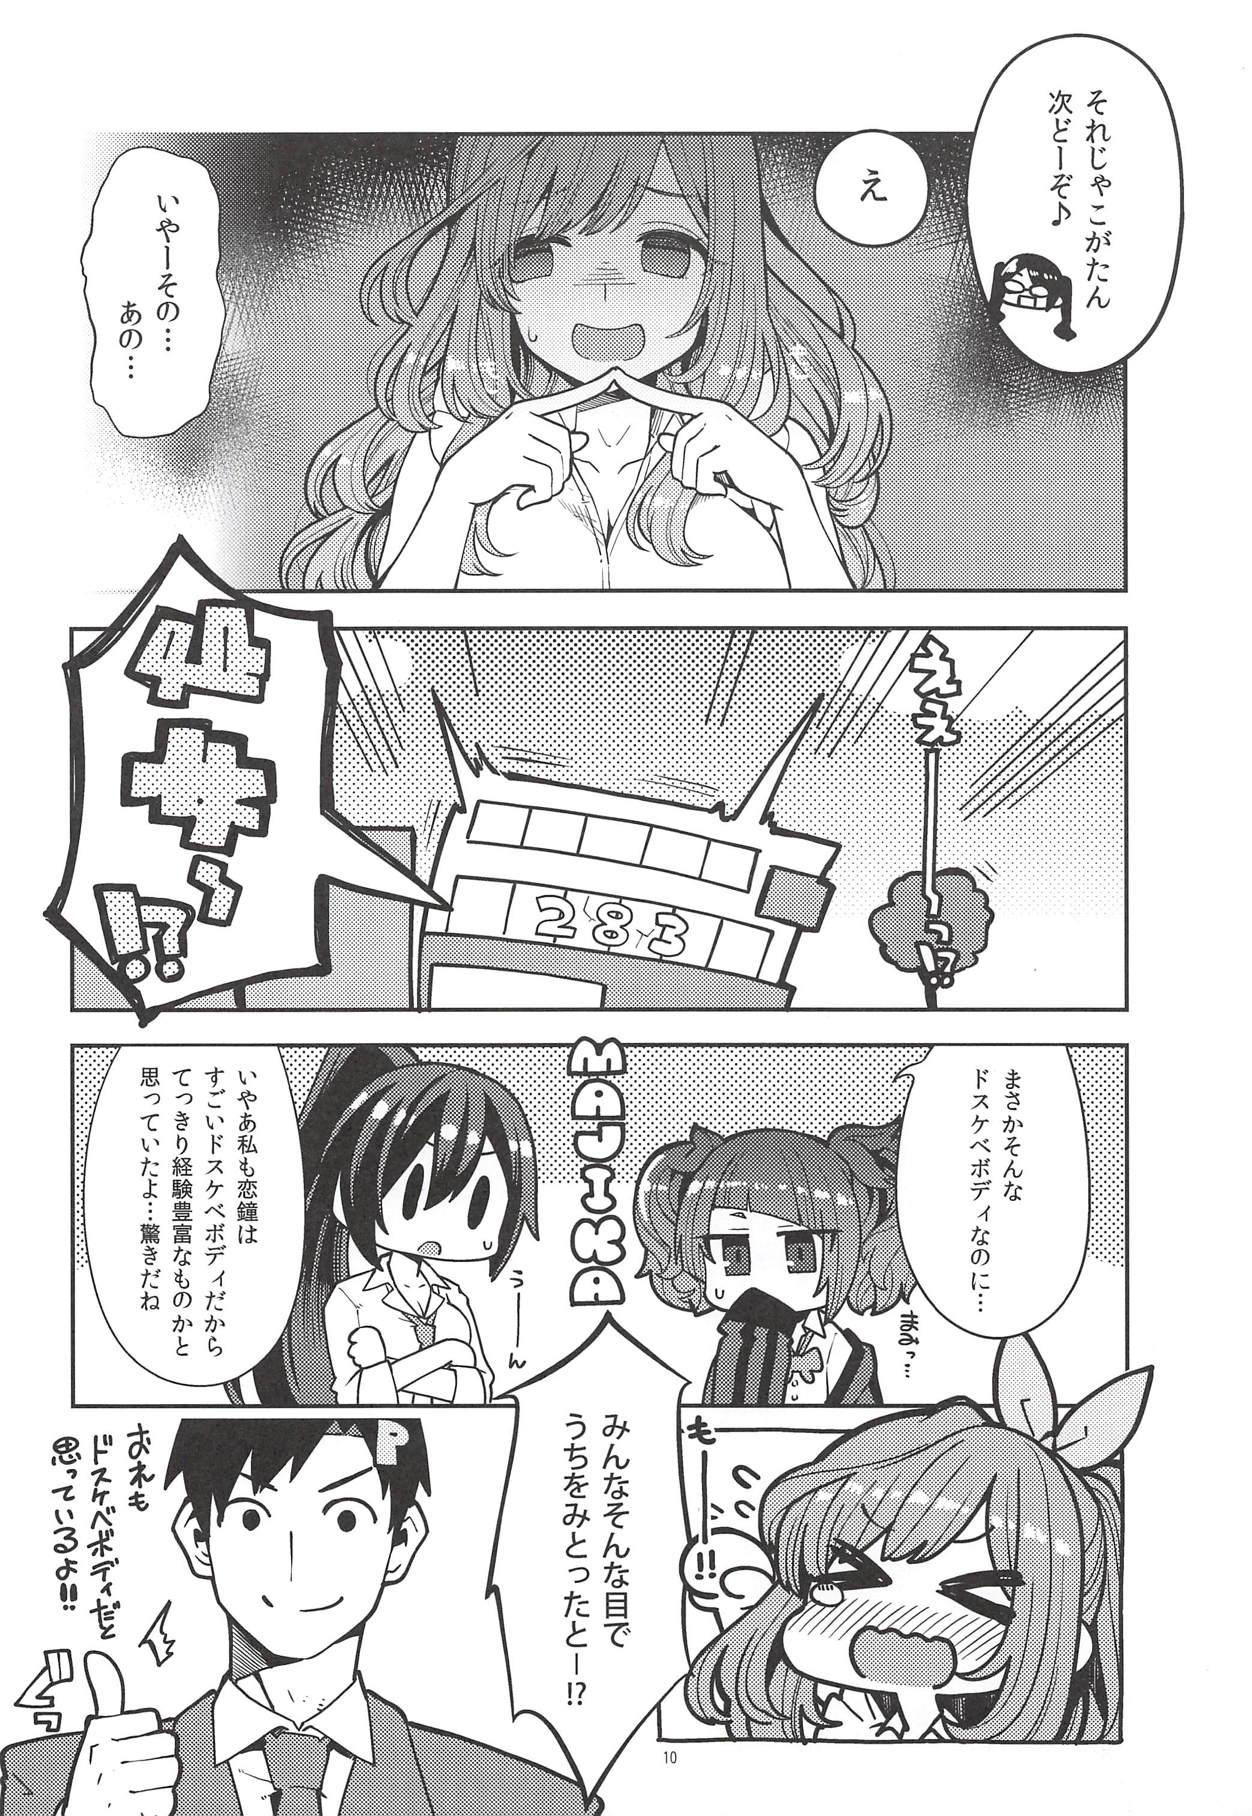 Tsukioka Kogane no Special Hatsutaiken 8